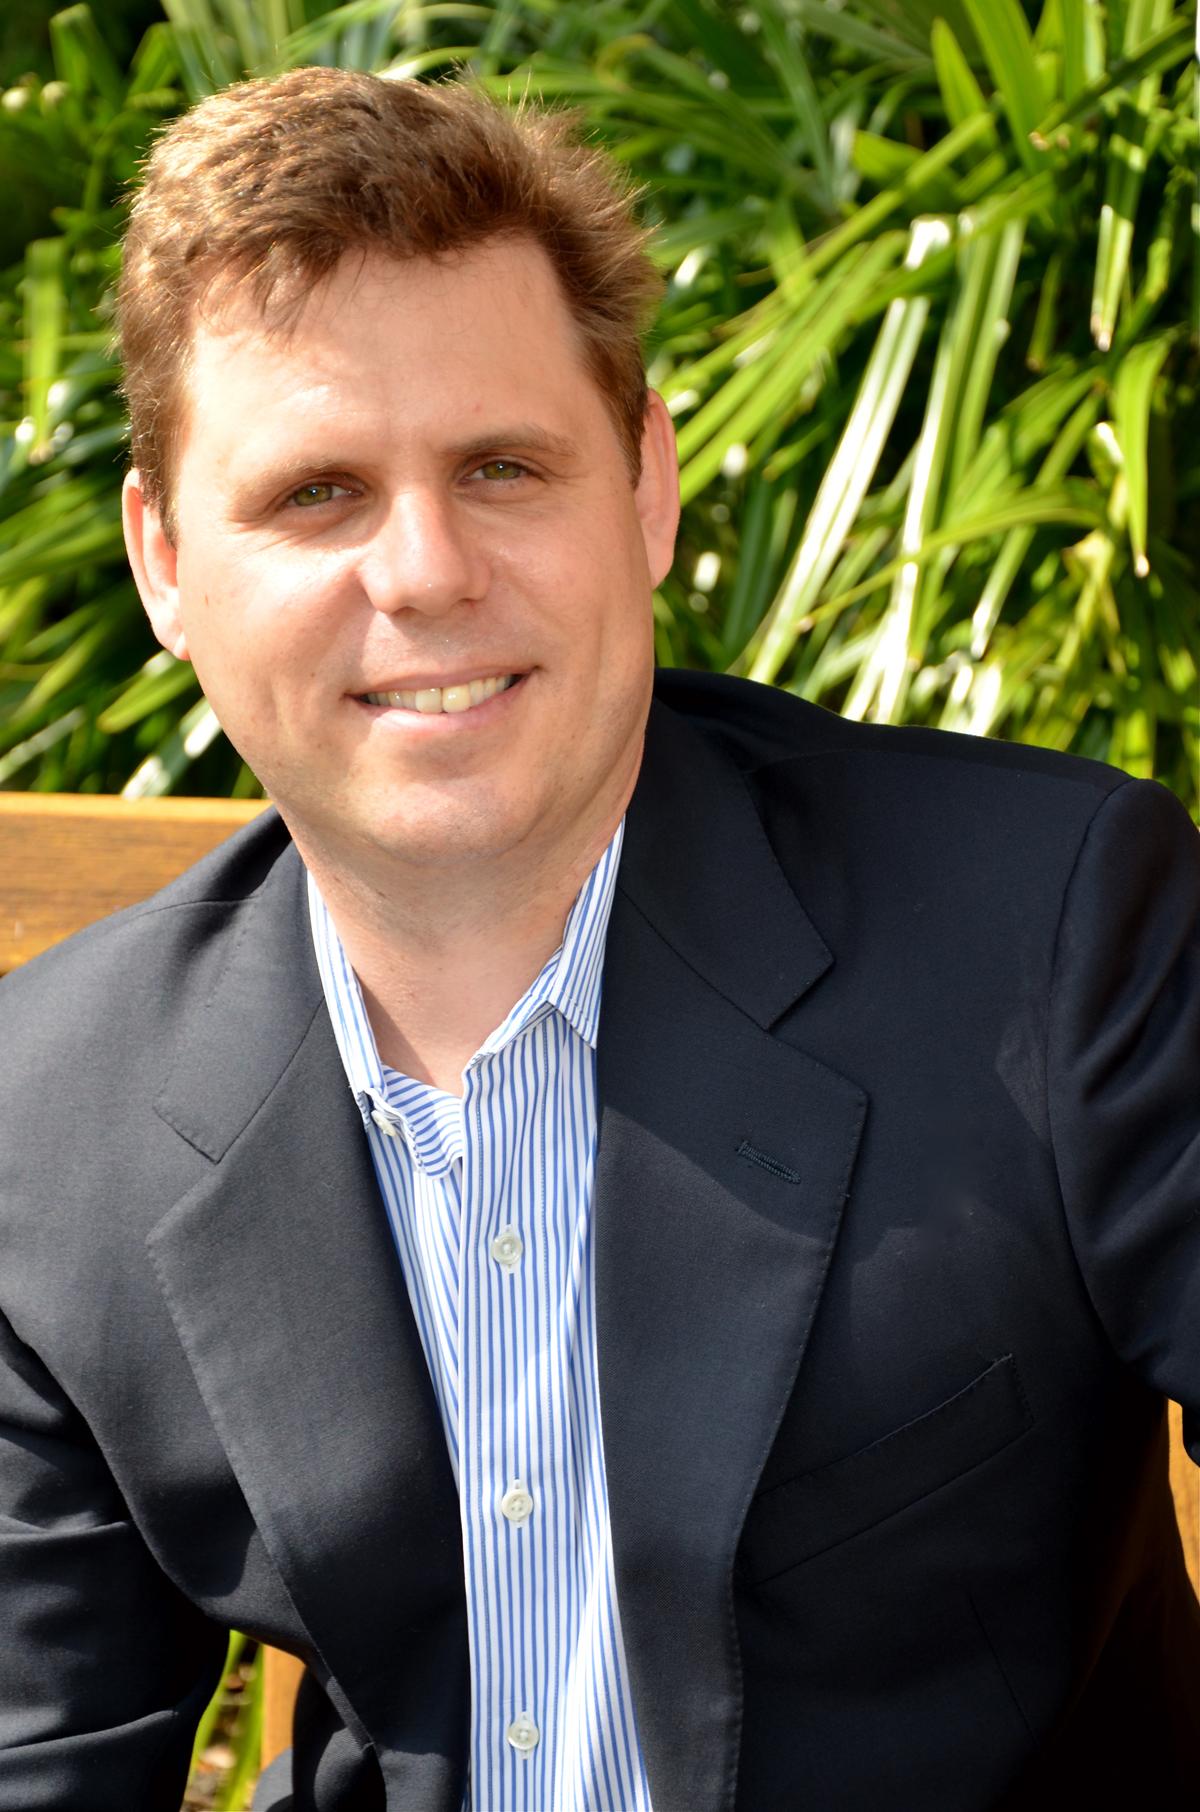 Andrew Severino